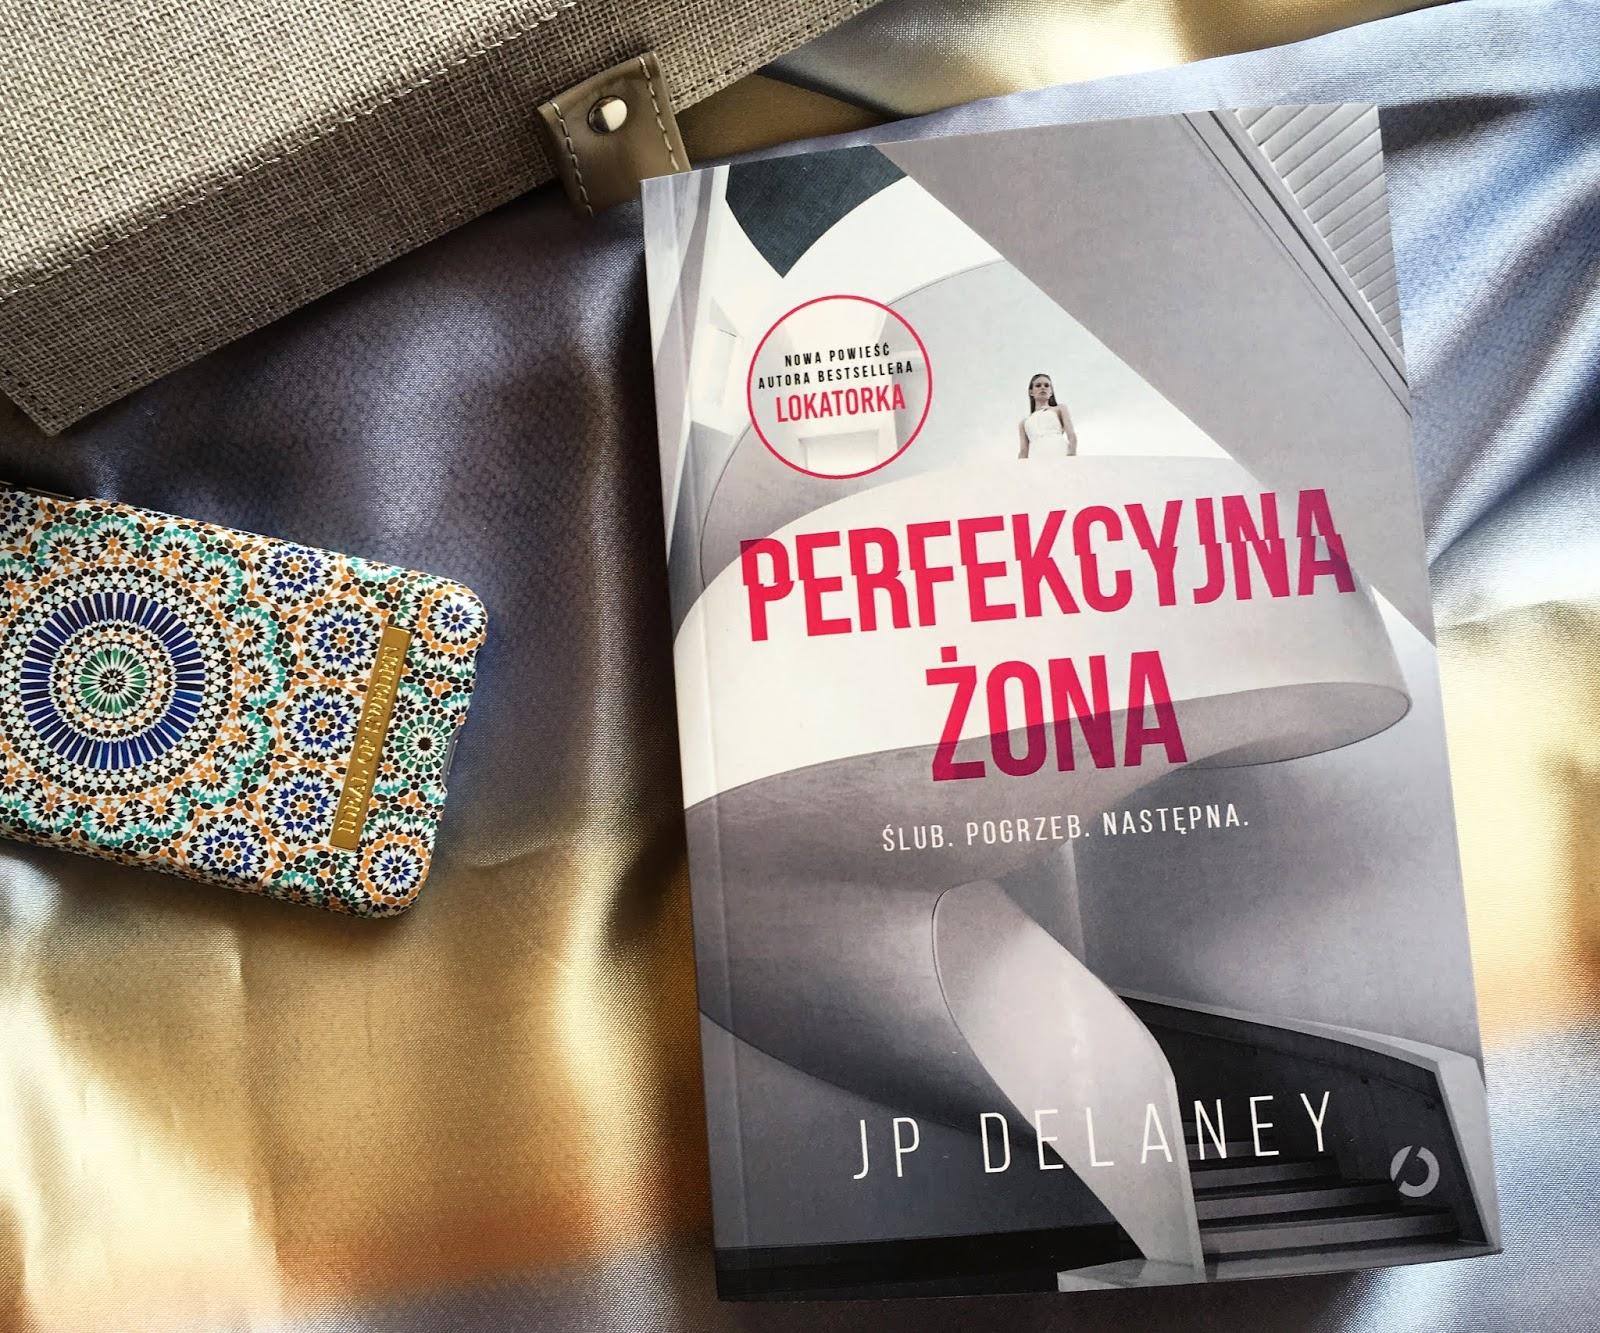 """Futurystycznie i zagadkowo, czyli recenzja powieści """"Perfekcyjna żona"""" JP Delaney. Przed Premierą!"""